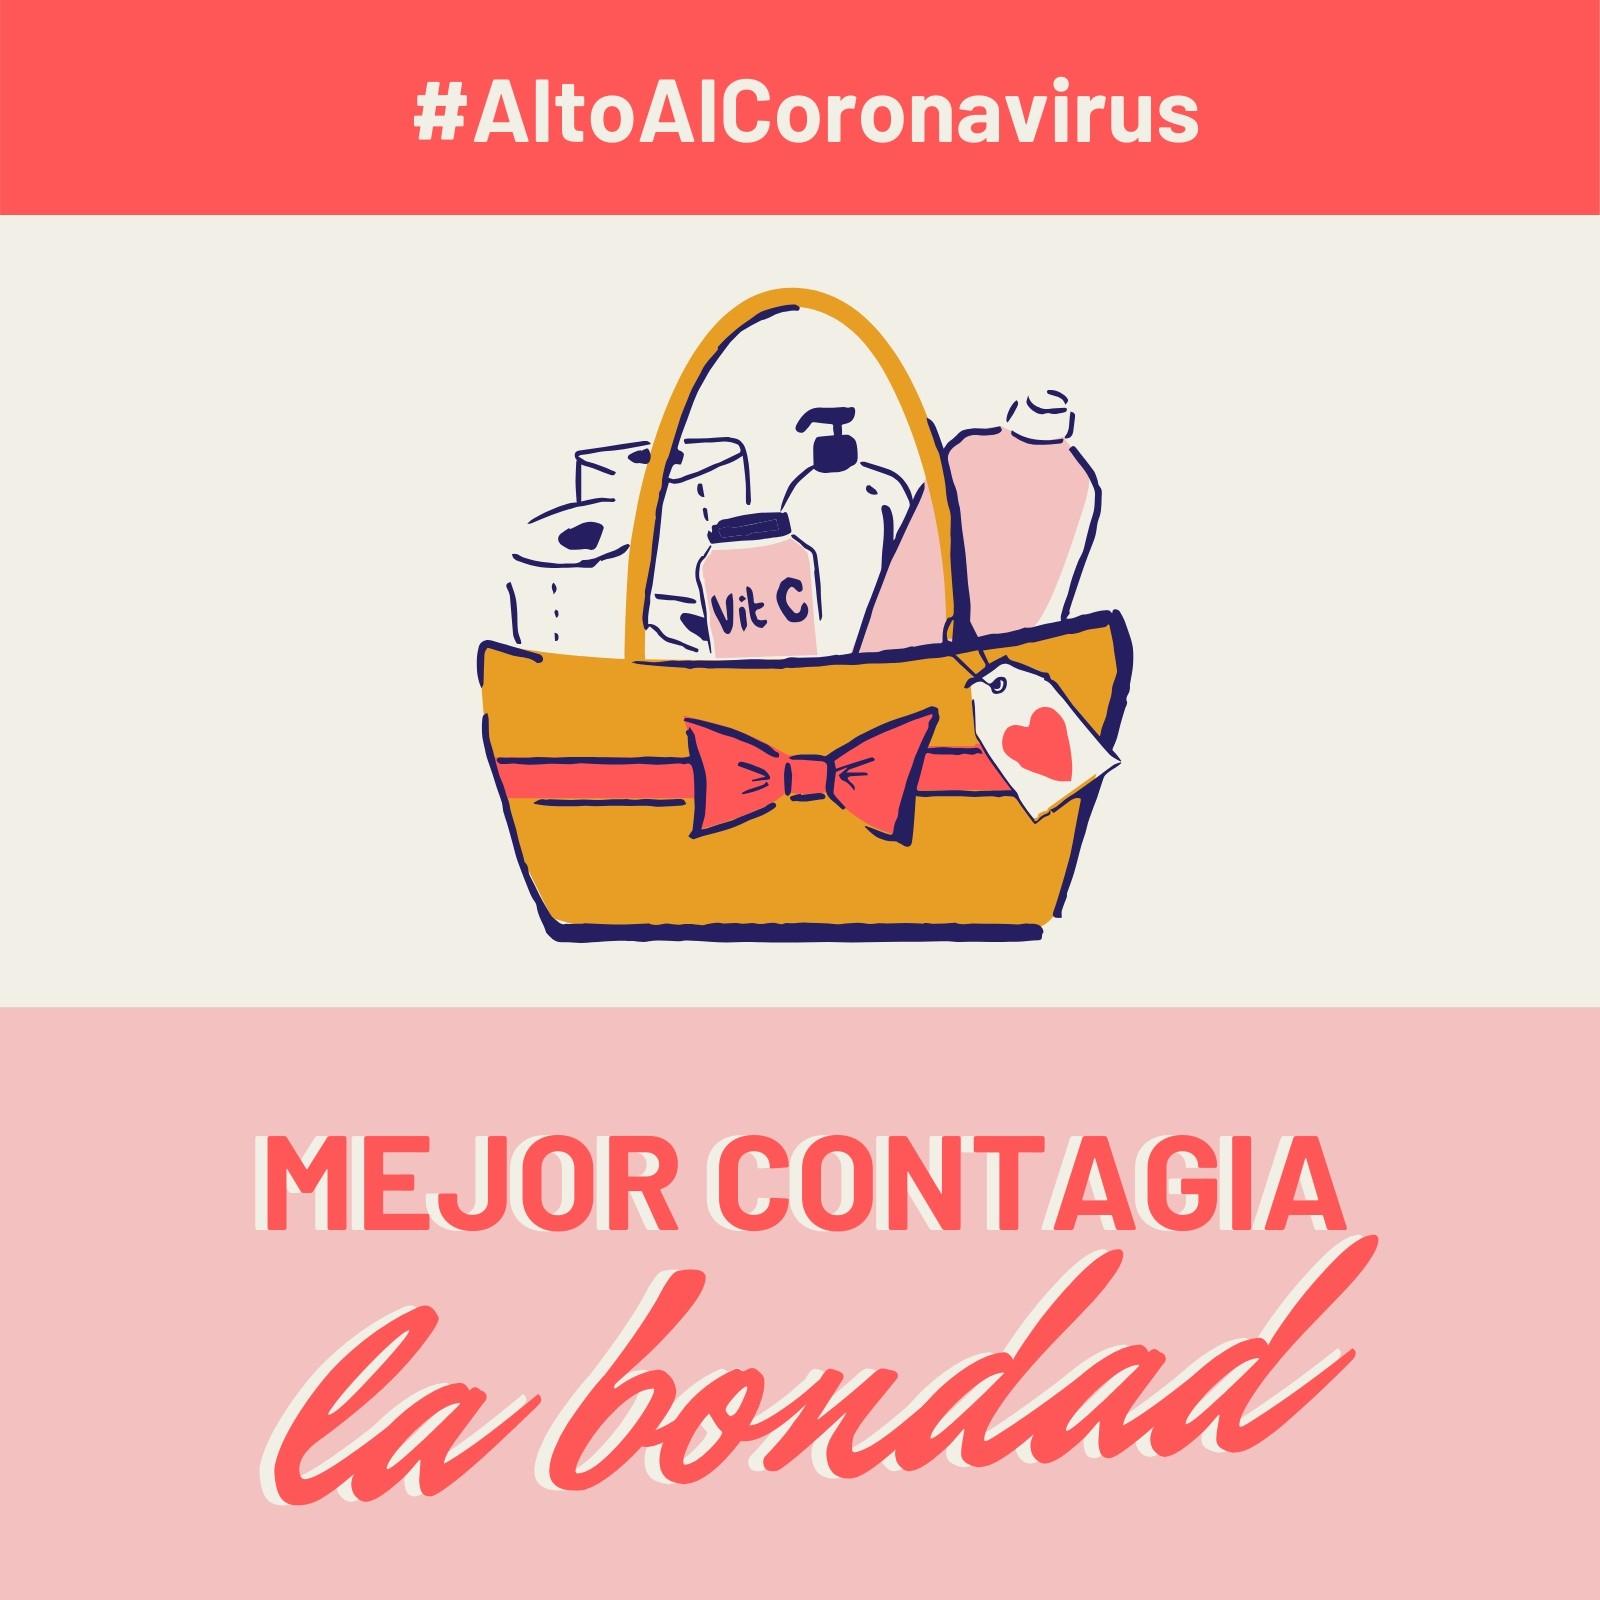 Alto Al Coronavirus Mejor Contagia Bondad Rosa y Rojo Post para Instagram